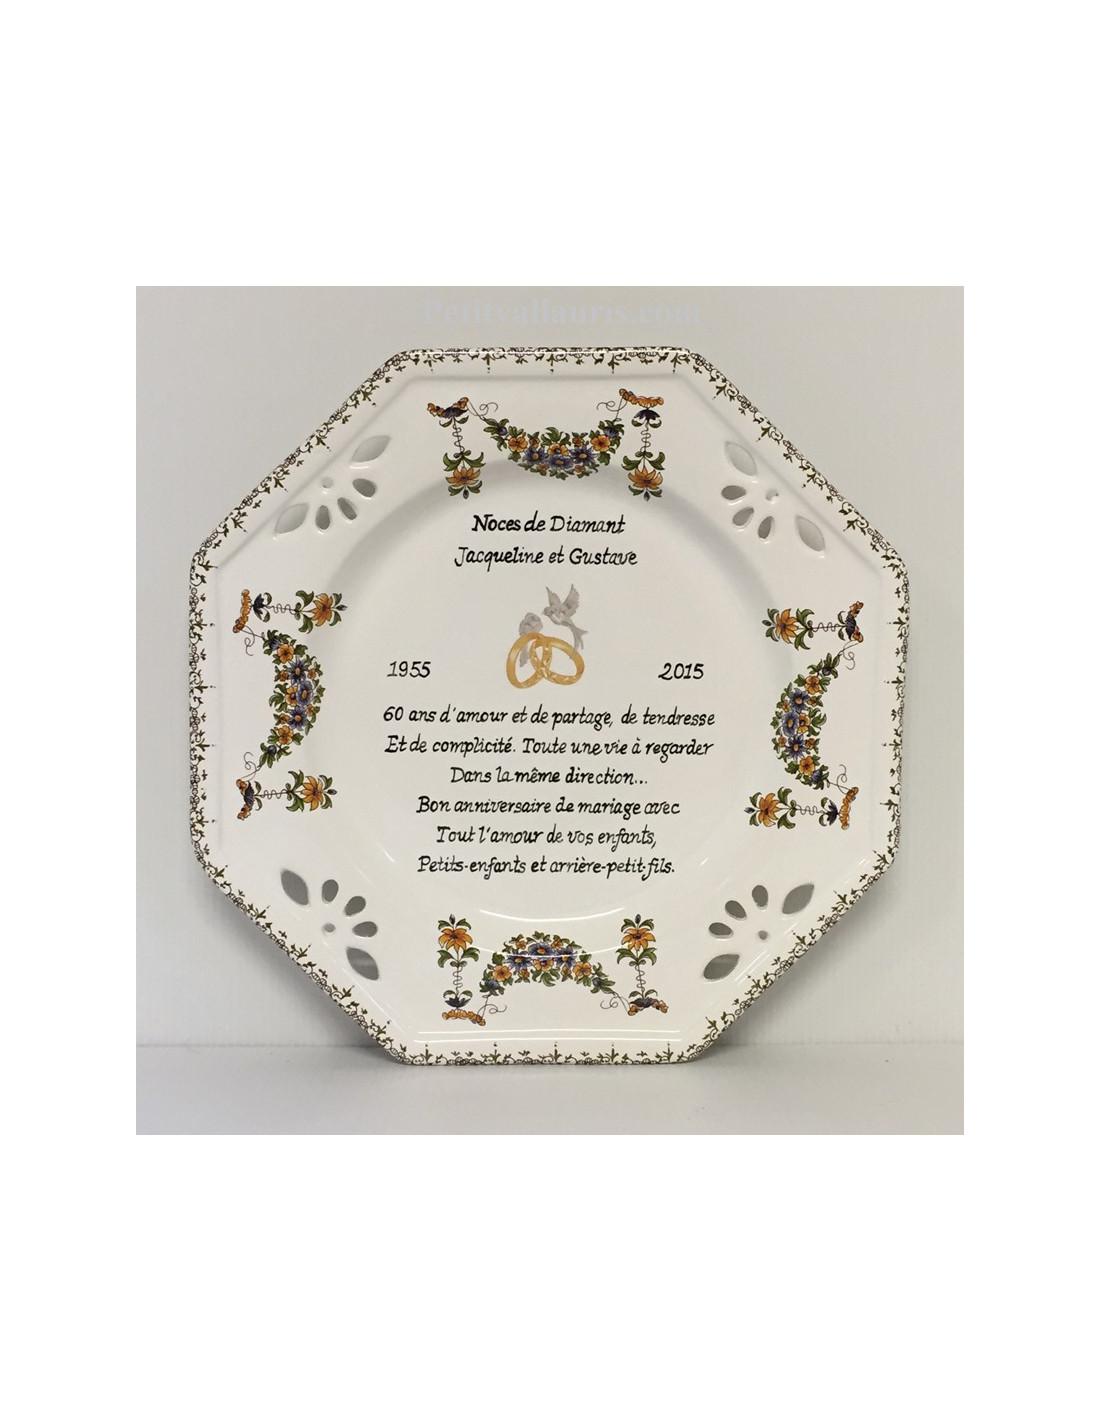 Grande assiette de mariage mod le octogonale d cor fleurs tradition avec po me noces de diamant - Anniversaire de mariage 6 ans ...